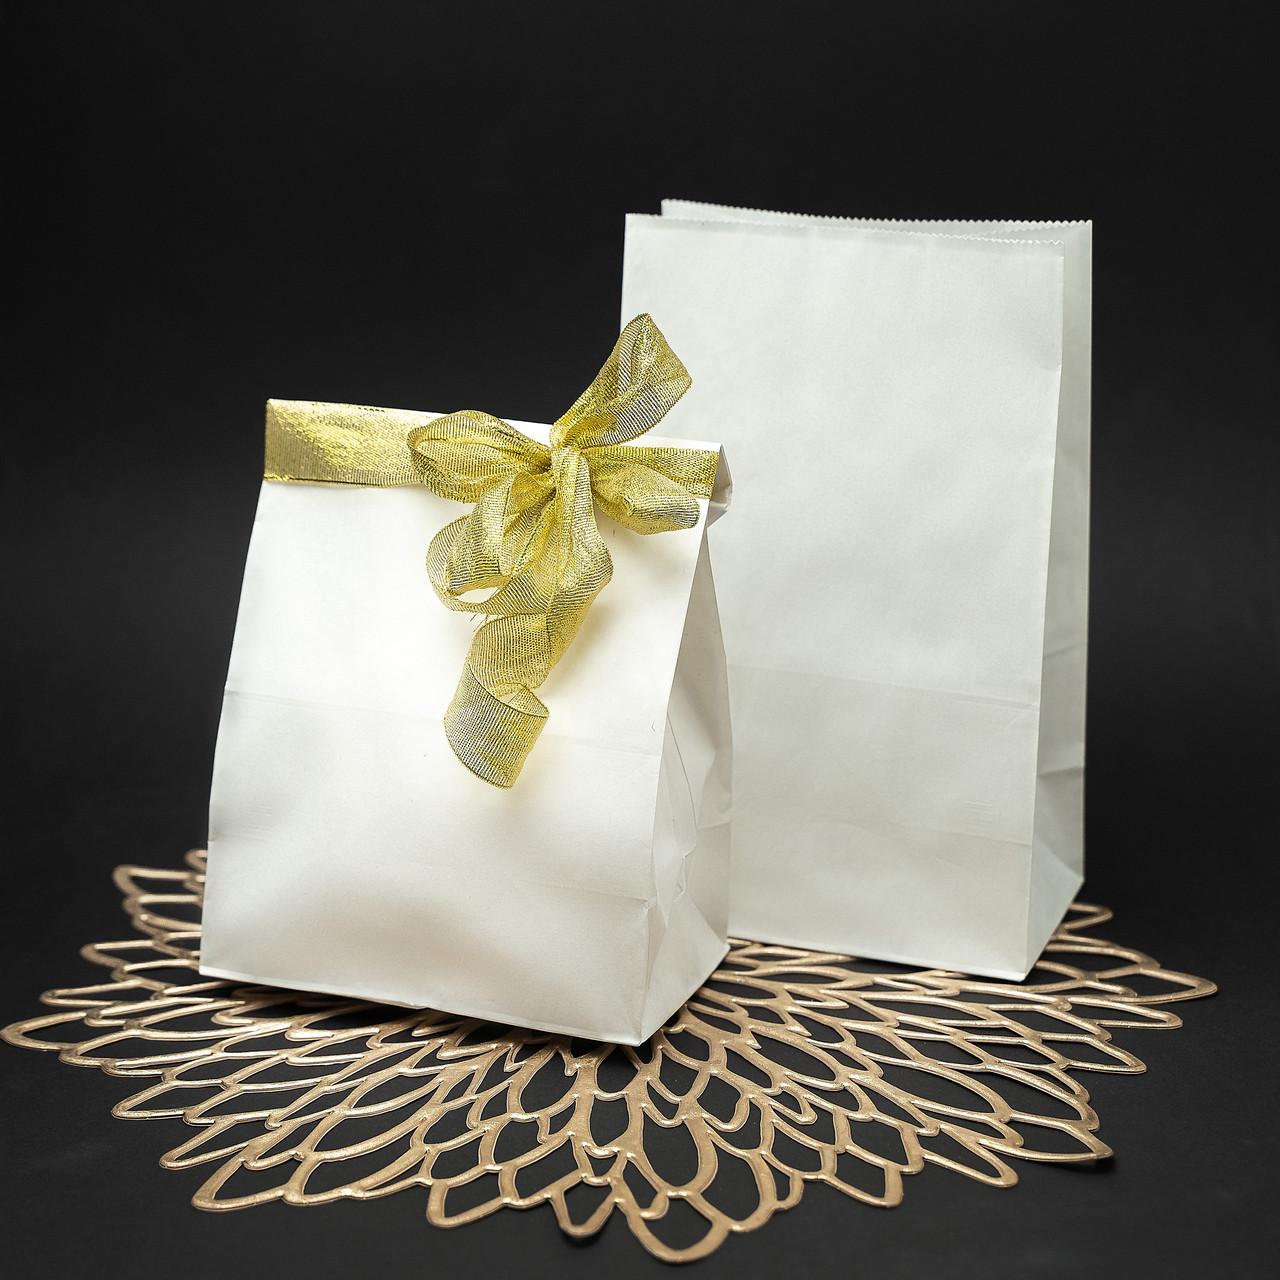 Білий крафт пакет фасувальний без ручок з плоским дном 150*90*240 мм